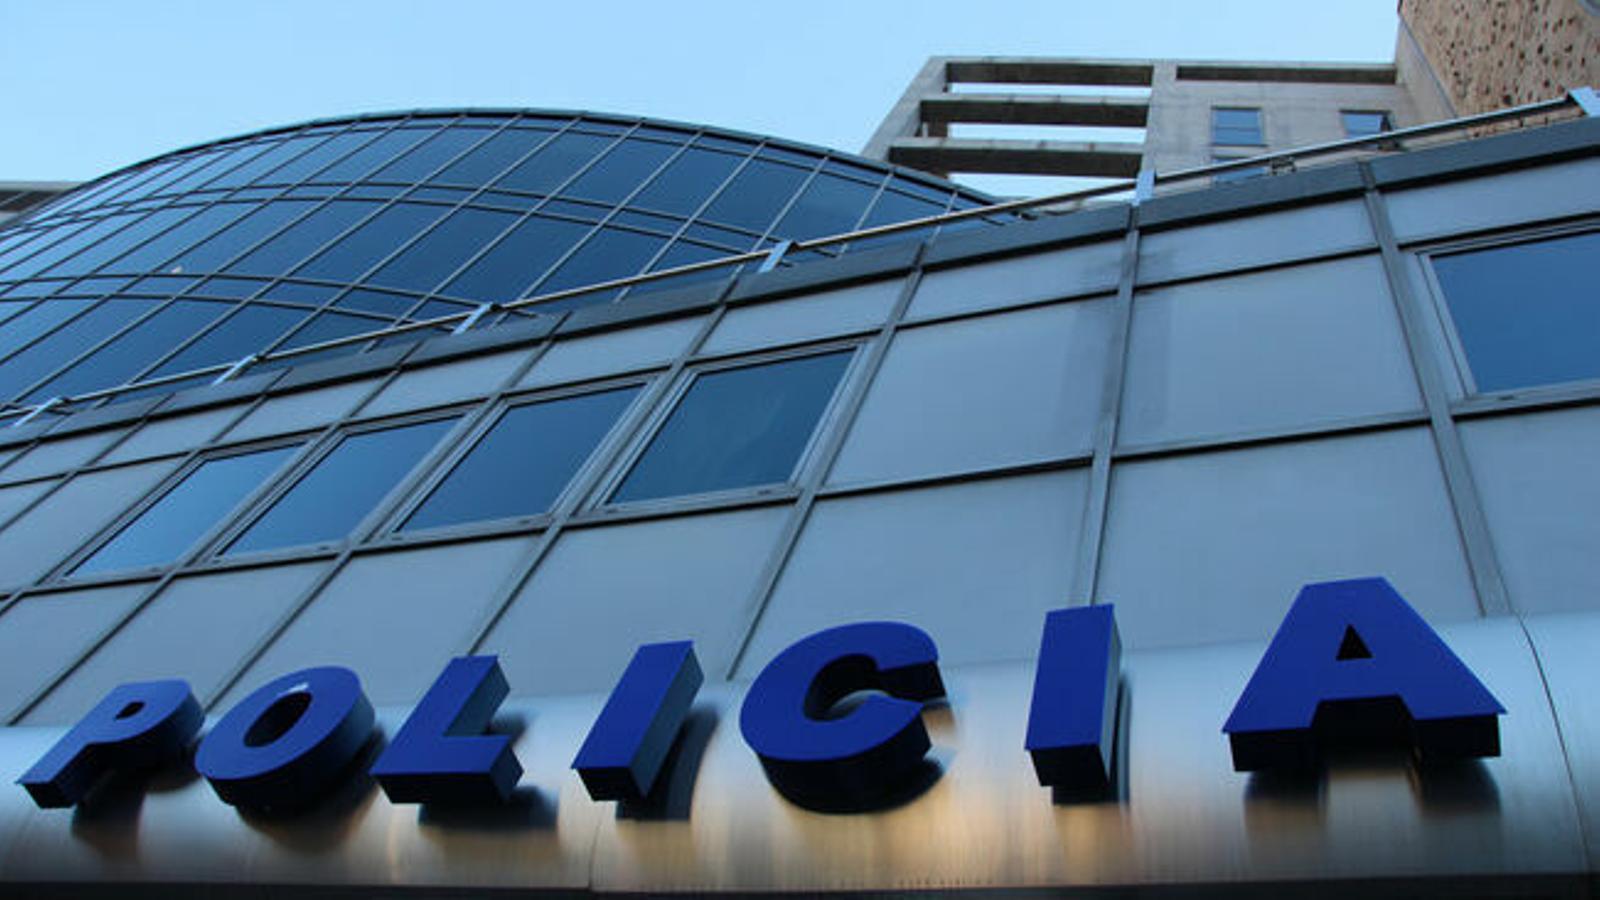 Façana de l'edifici de la Policia d'Andorra. / ARXIU ARA